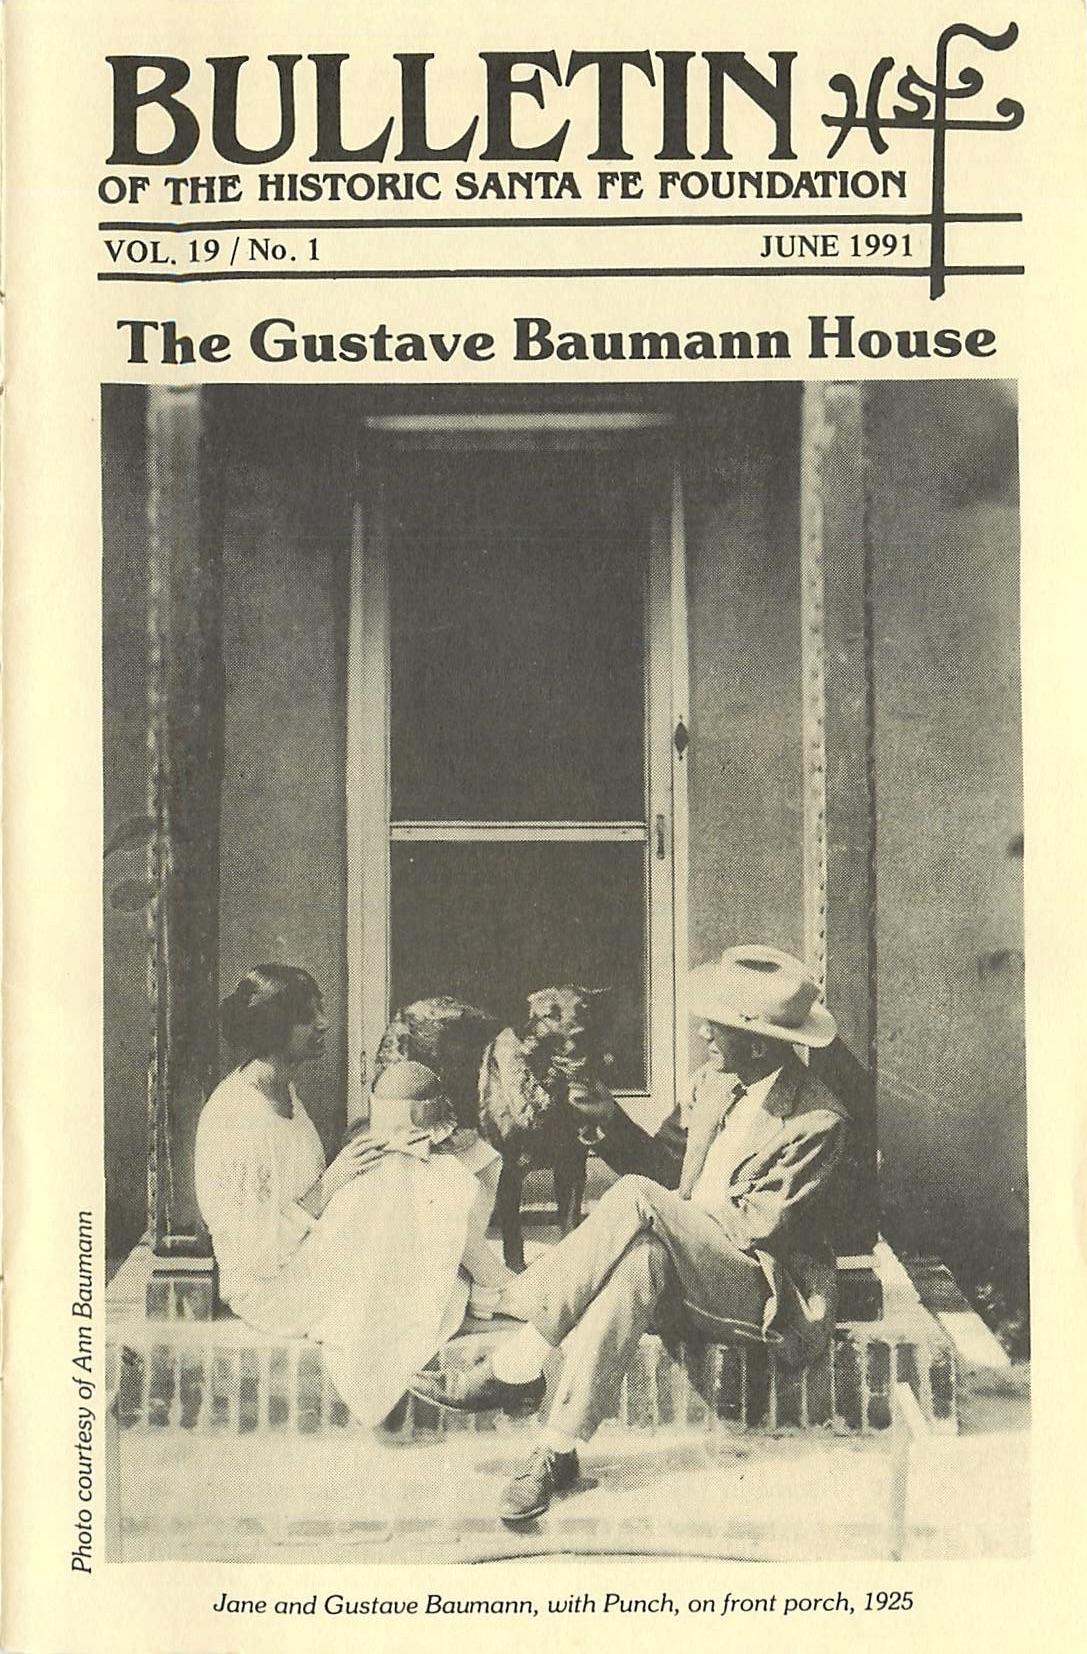 1991 HSFF Bulletin Vol.19 No.1 Cover